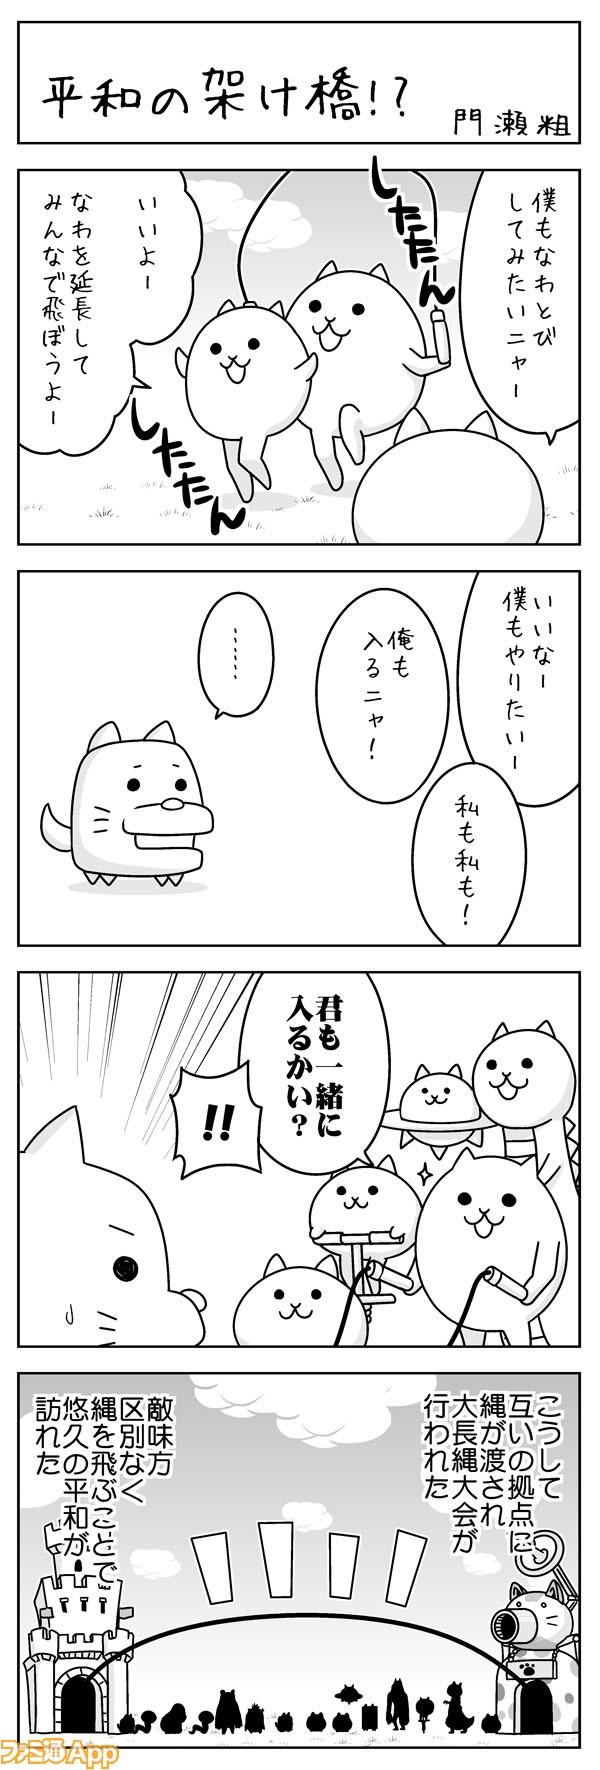 02kado_075